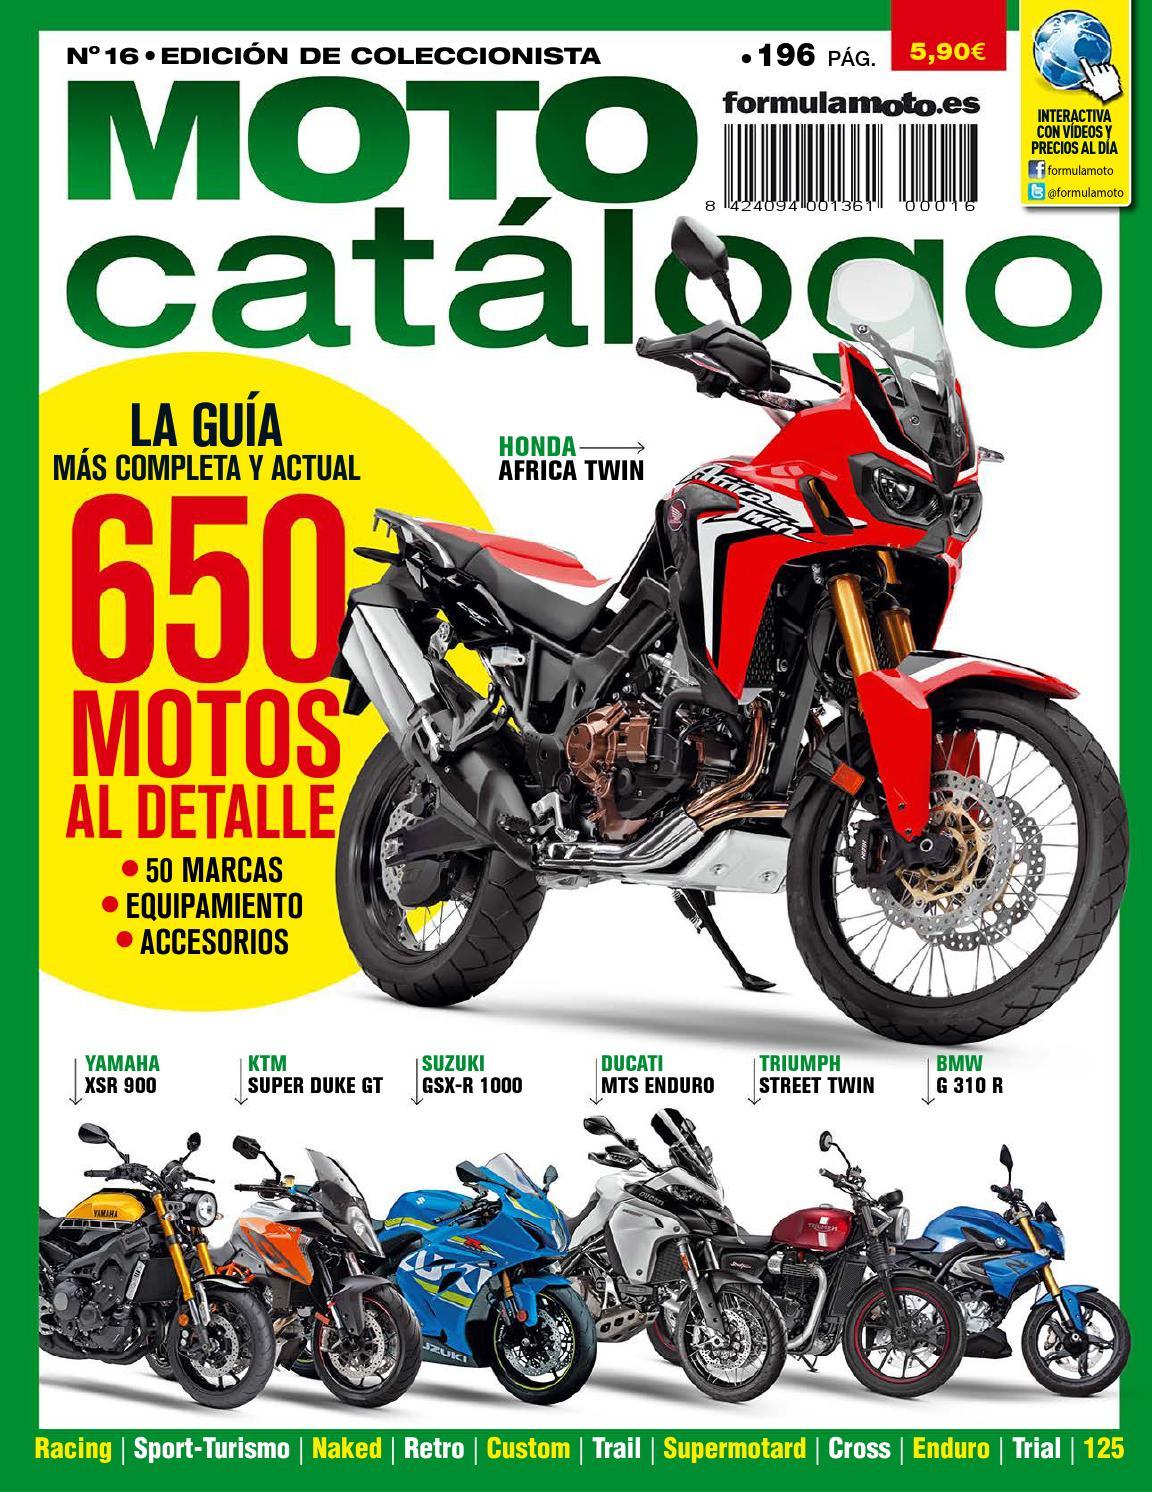 Motocatálogo Nº 16 by LIDER - issuu